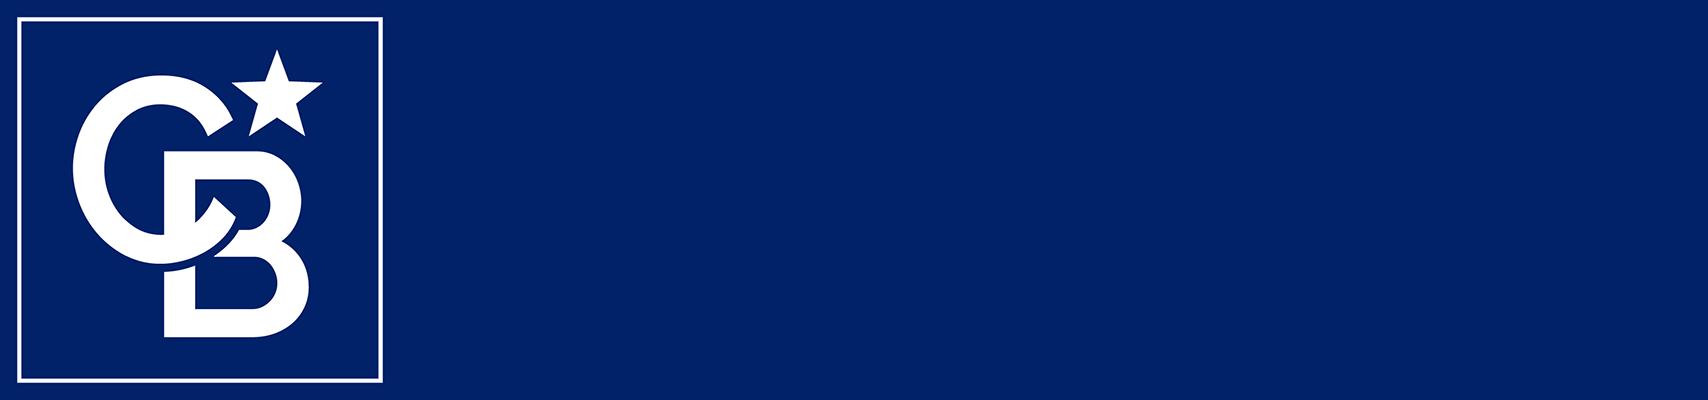 Maira Chupp - Coldwell Banker Select Logo